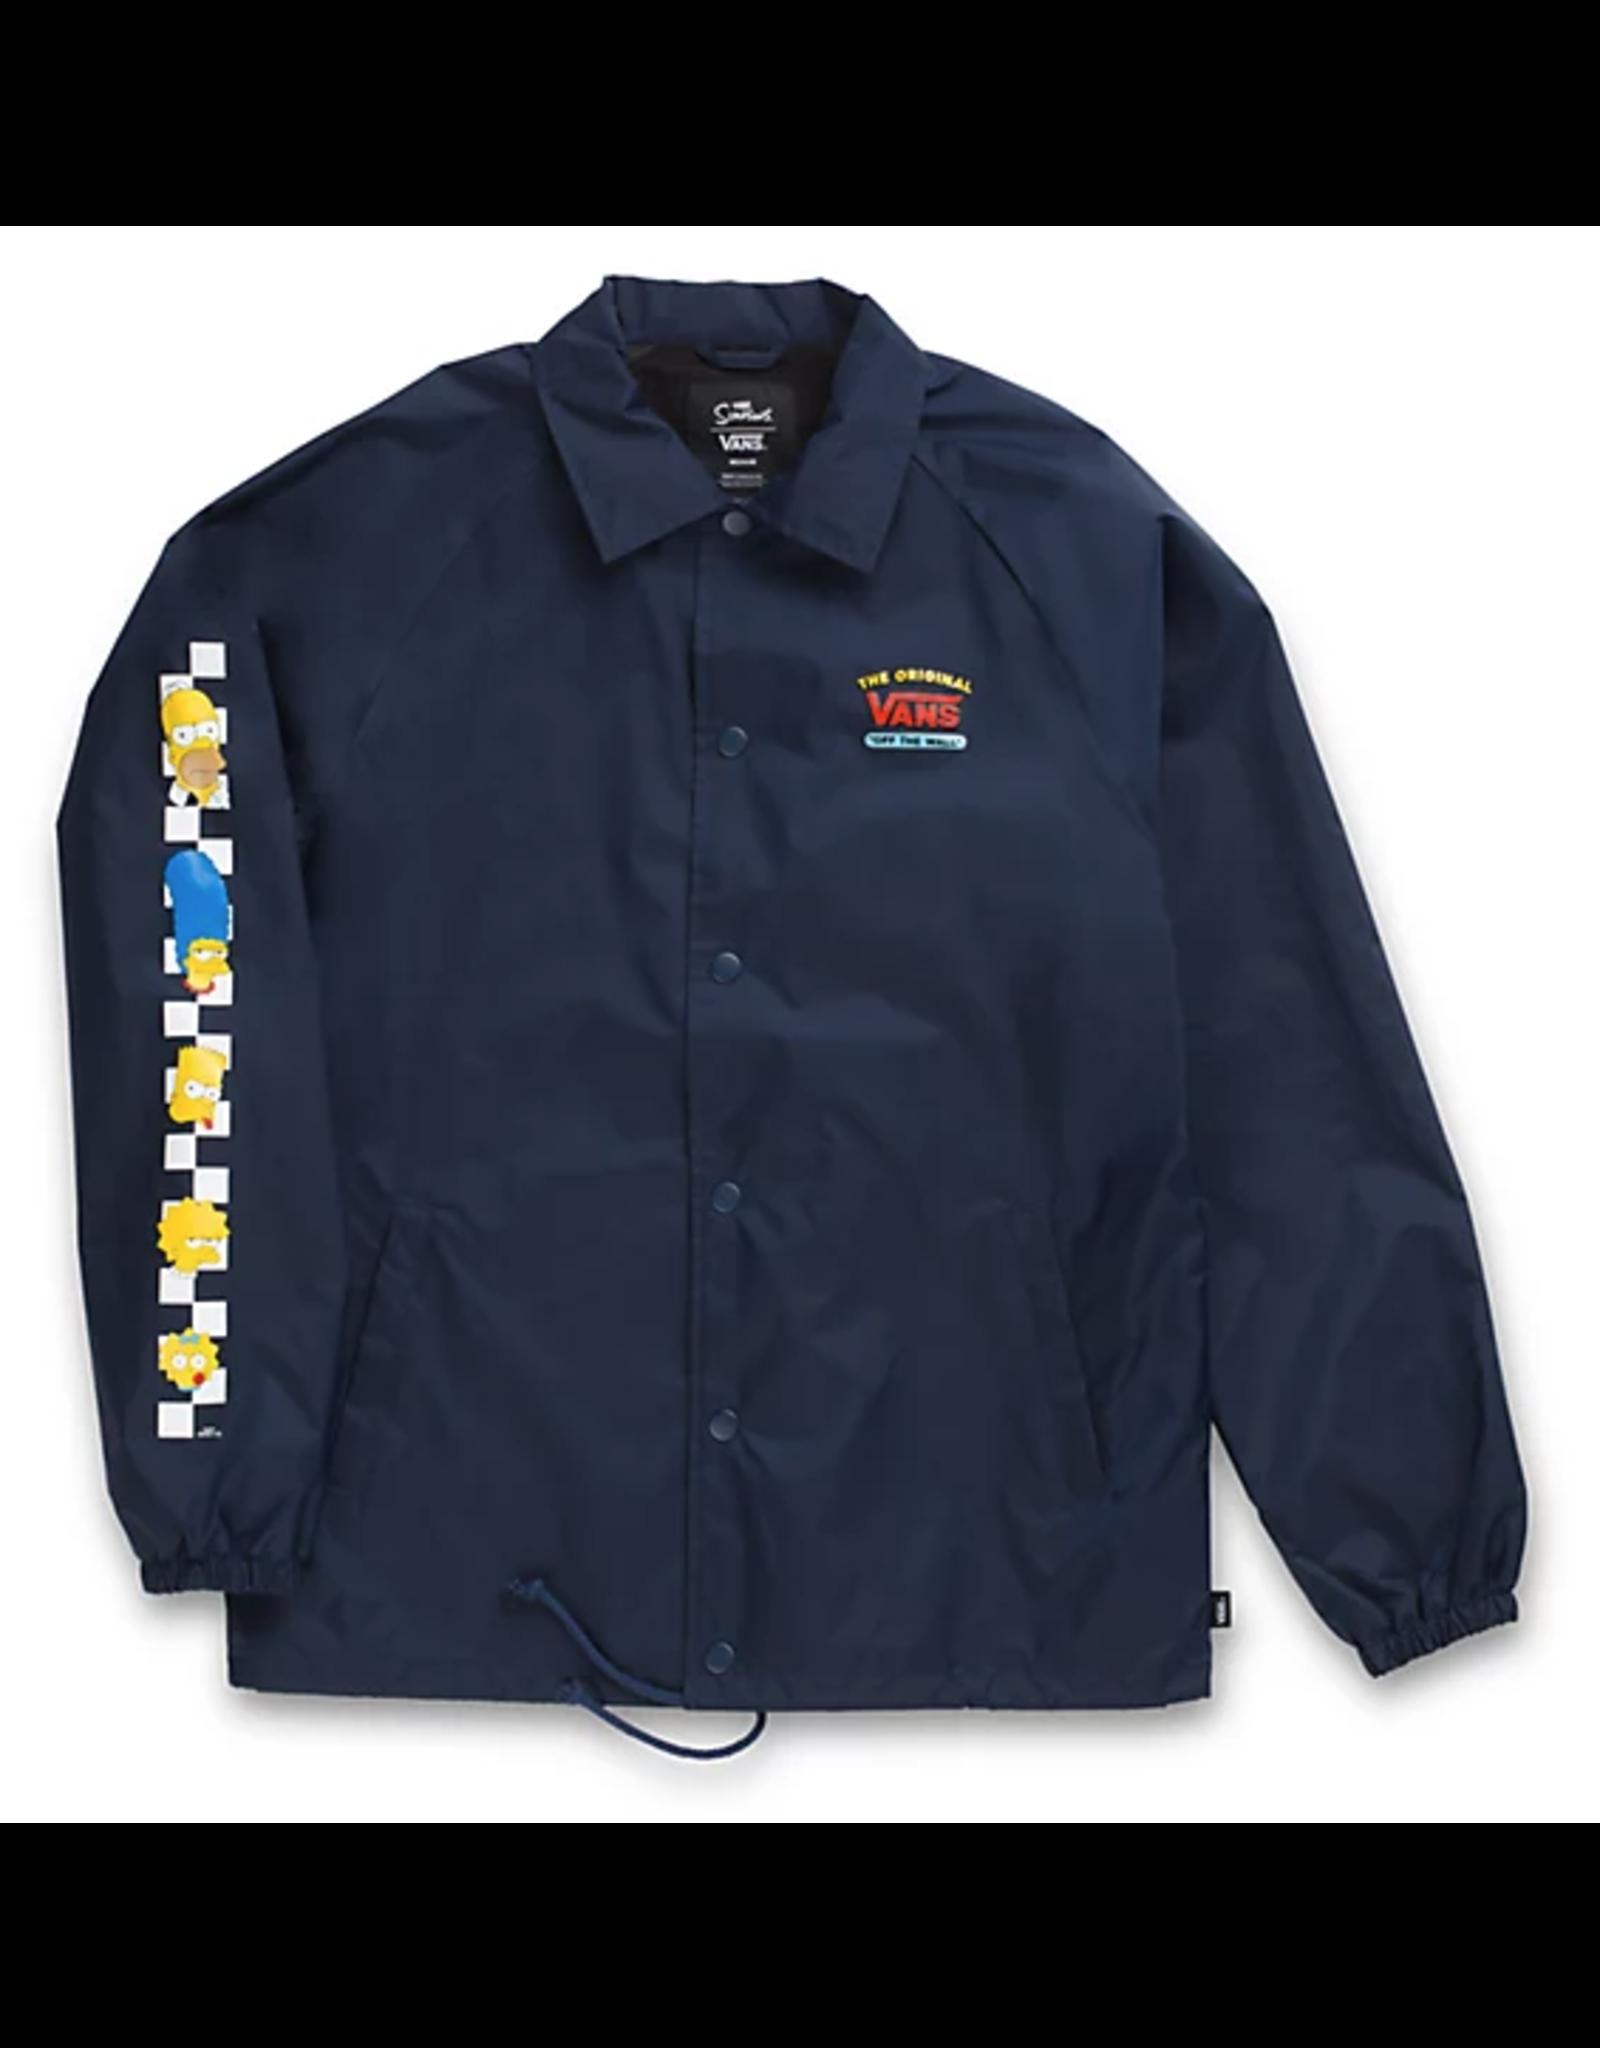 Vans The Simpsons Torrey Jacket - Navy